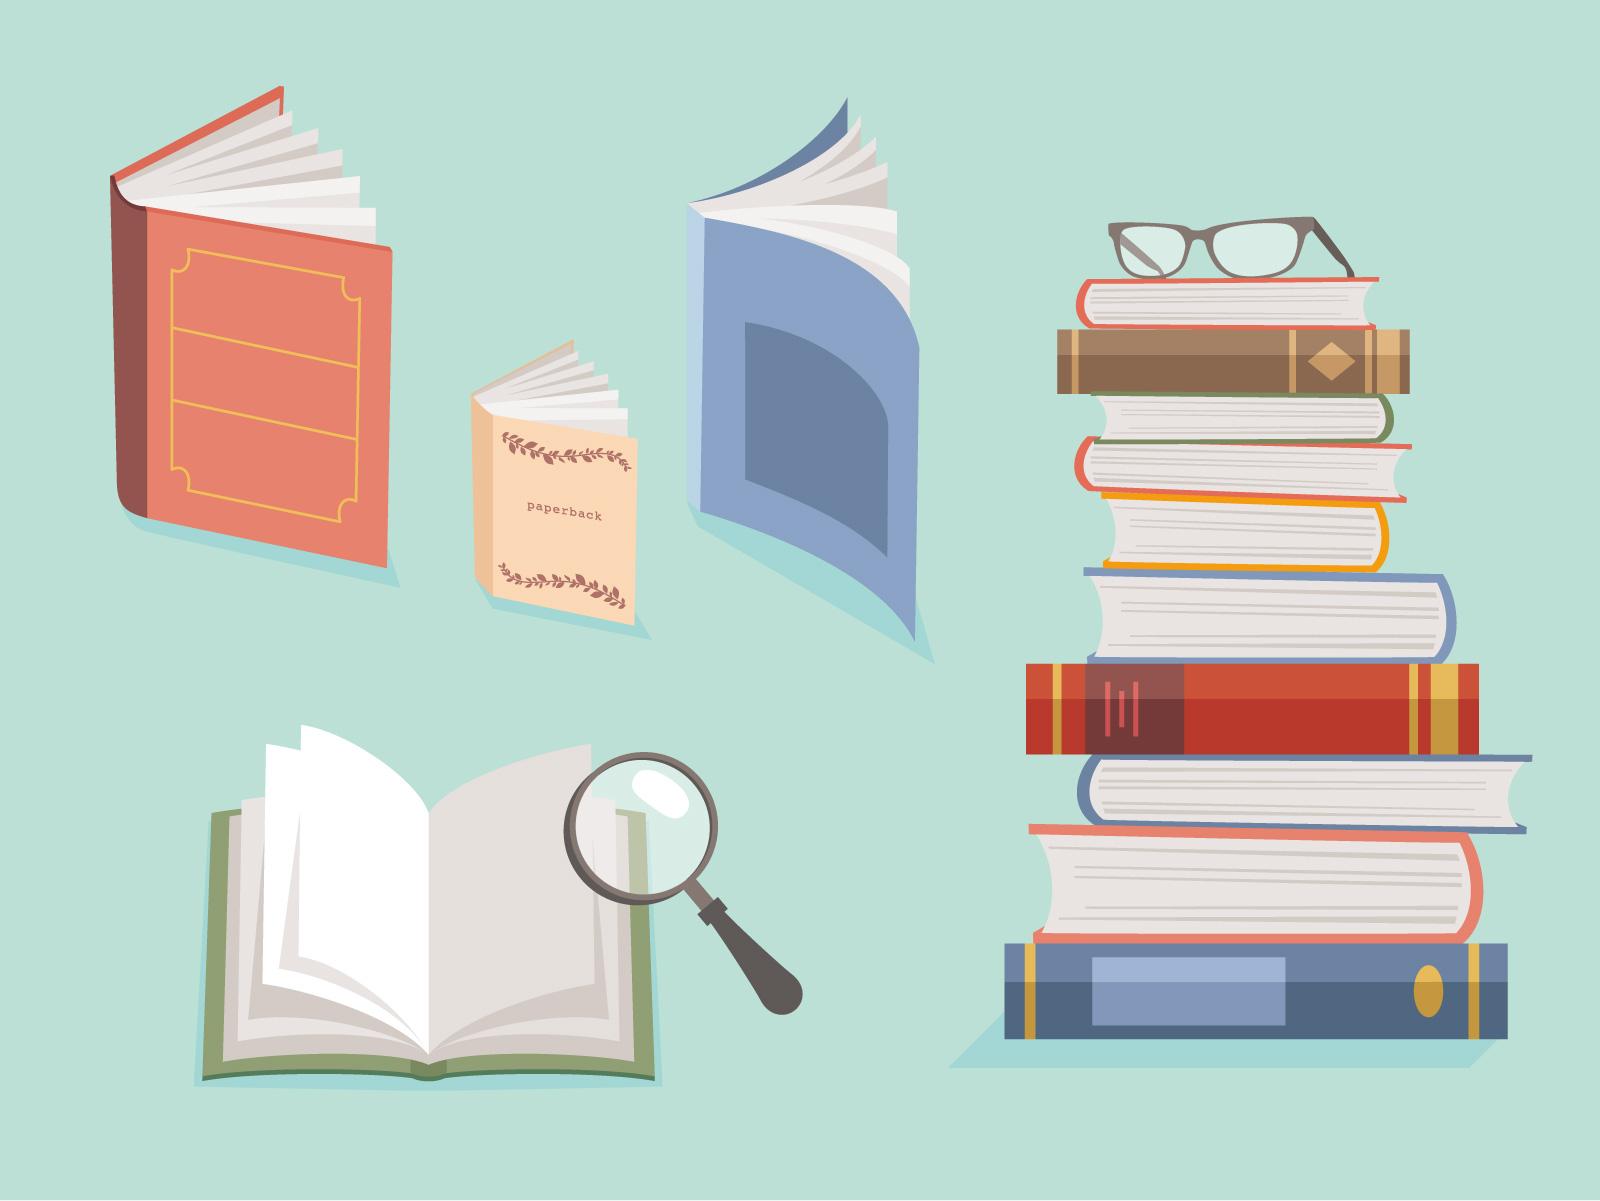 SEO対策を勉強する本でおすすめの4冊【ブログで稼ぐための必読書籍】